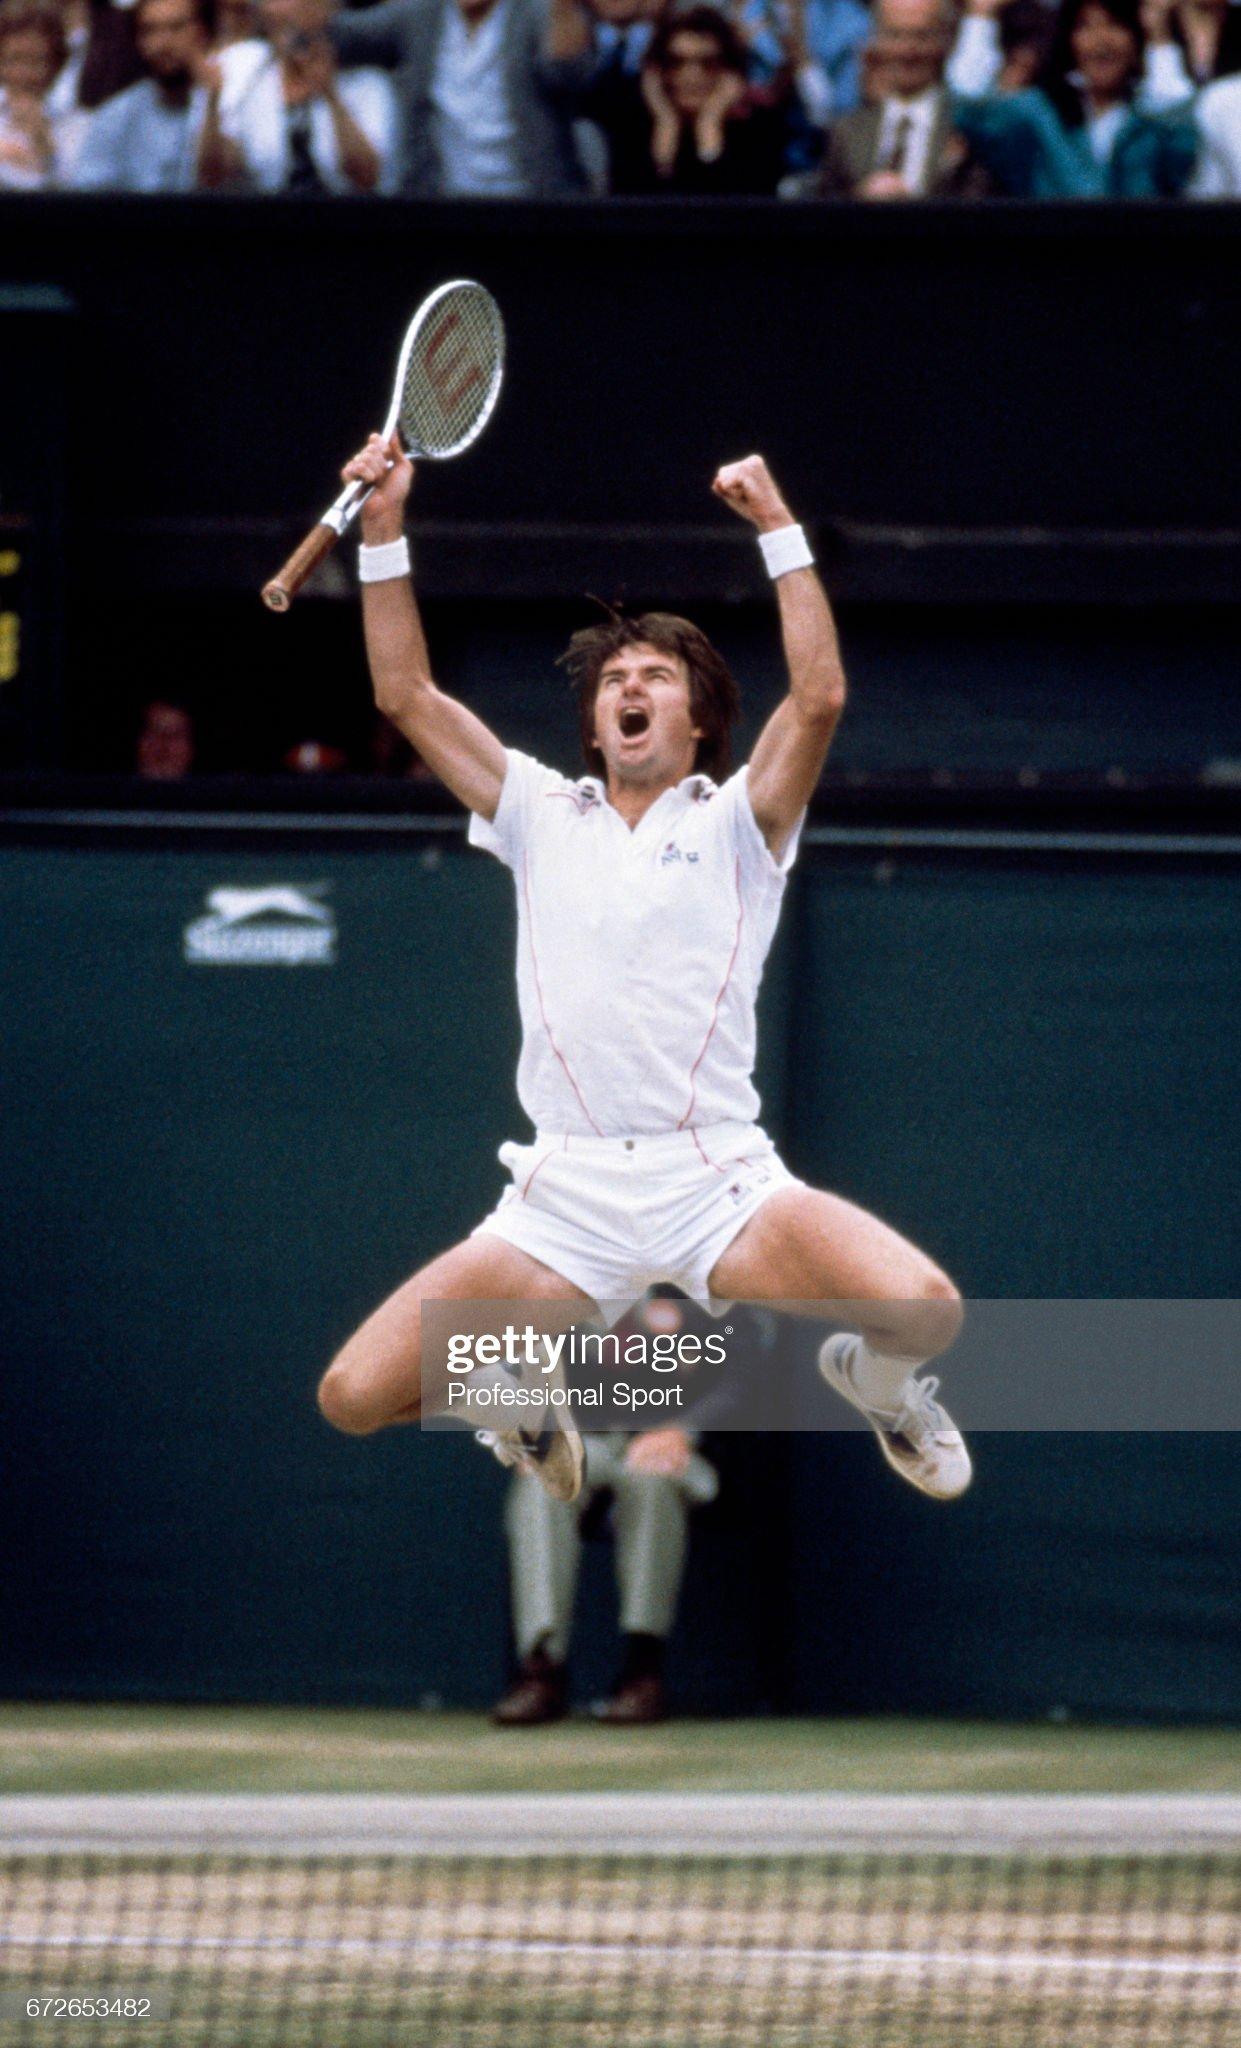 Jimmy Connors Wins 1982 Wimbledon Championships : News Photo